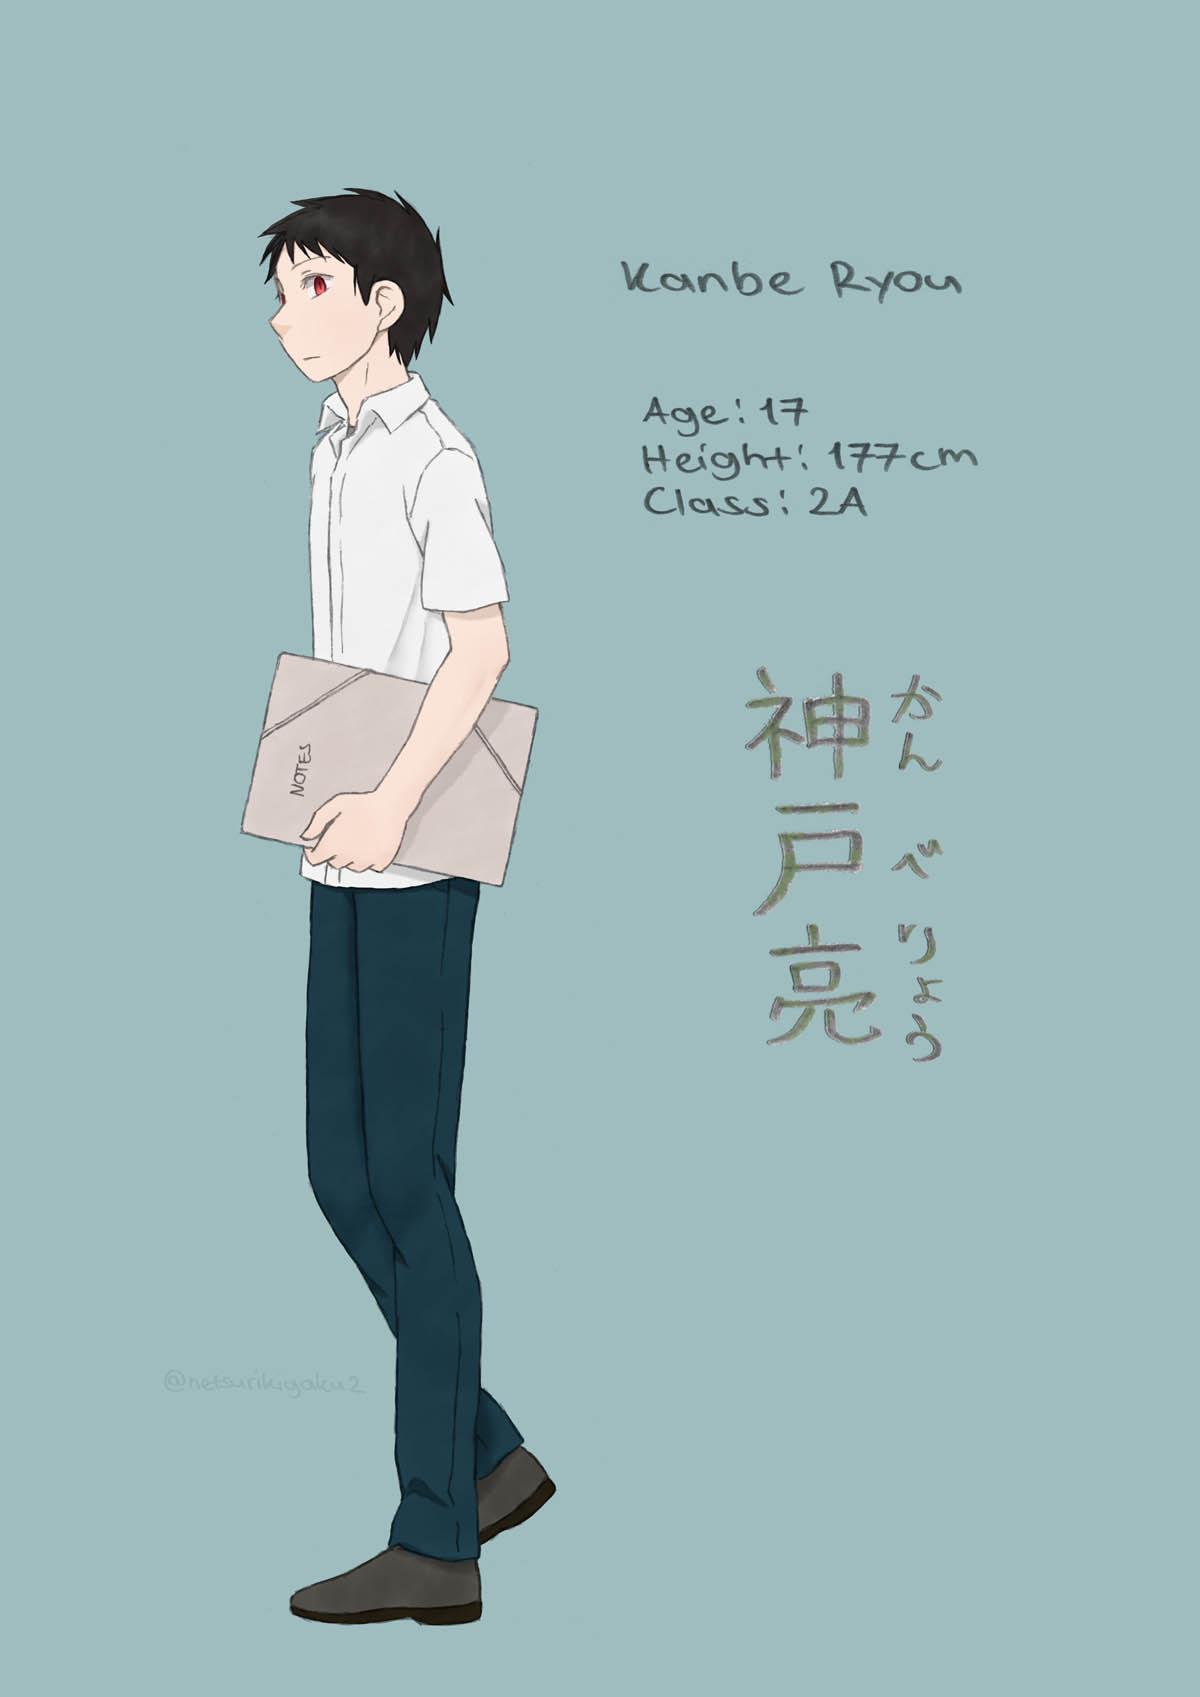 神戸亮のキャラクター紹介